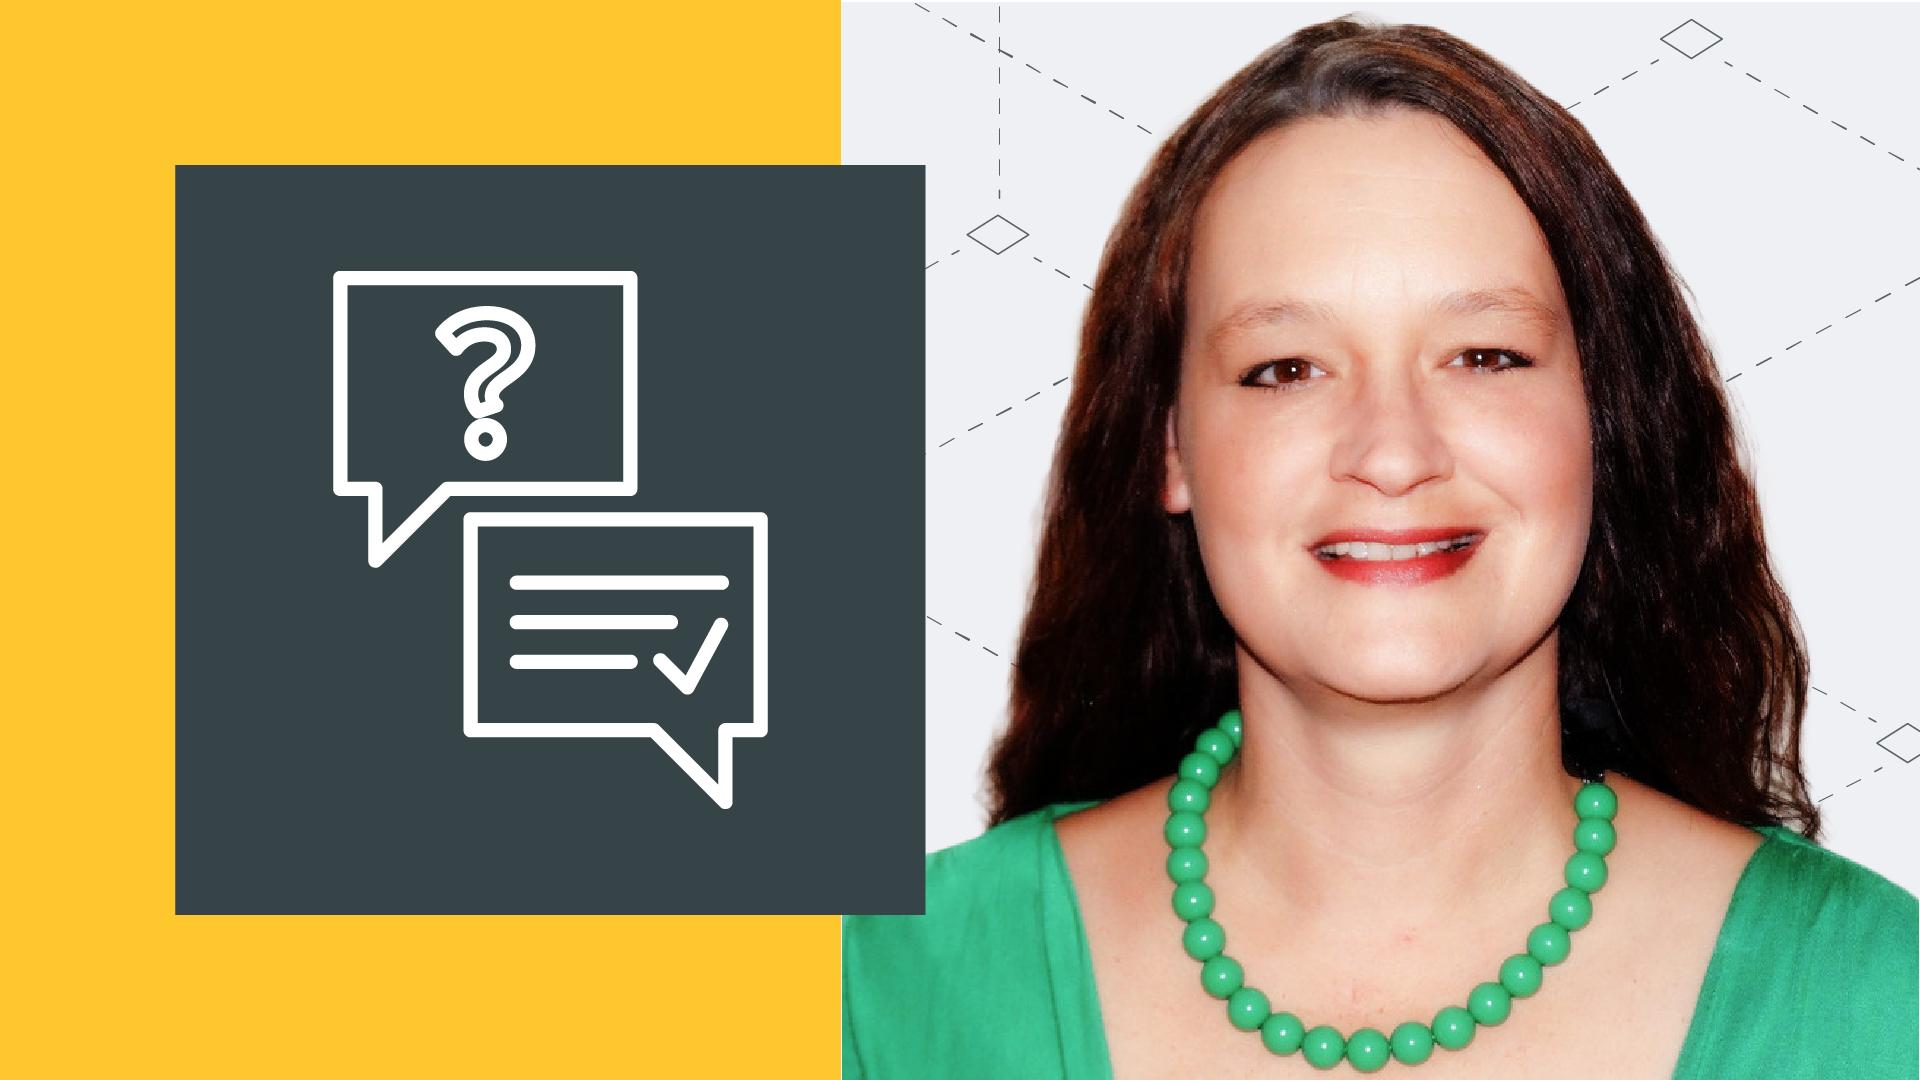 Bonus Content: Interview with Christin Kardos